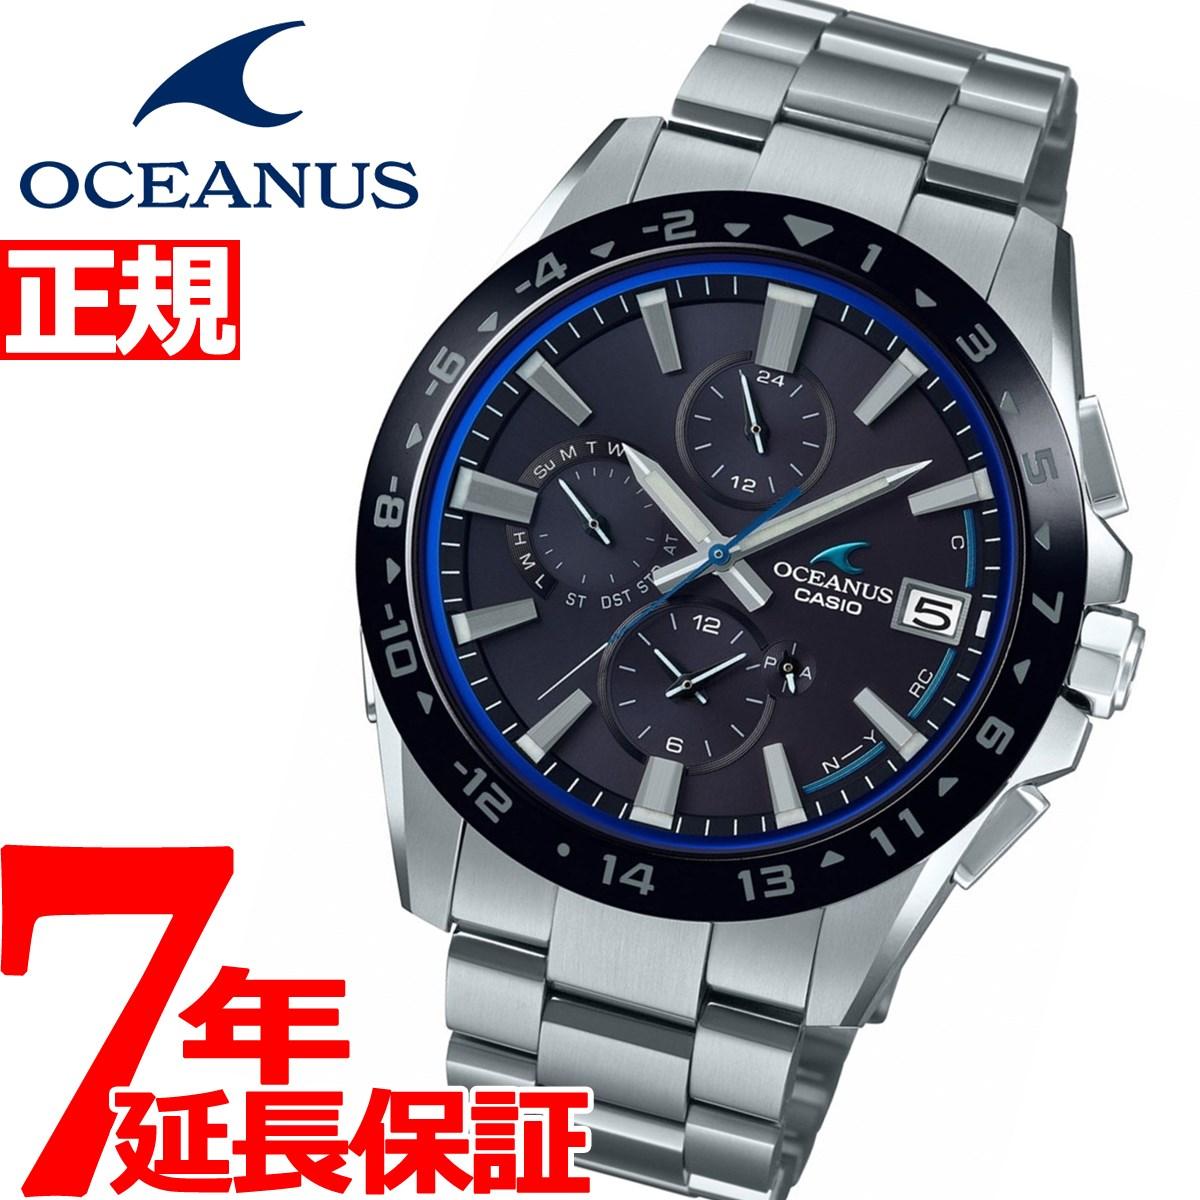 カシオ オシアナス 電波 ソーラー 腕時計 メンズ タフソーラー CASIO OCEANUS Classic Line OCW-T3000A-1AJF【2018 新作】